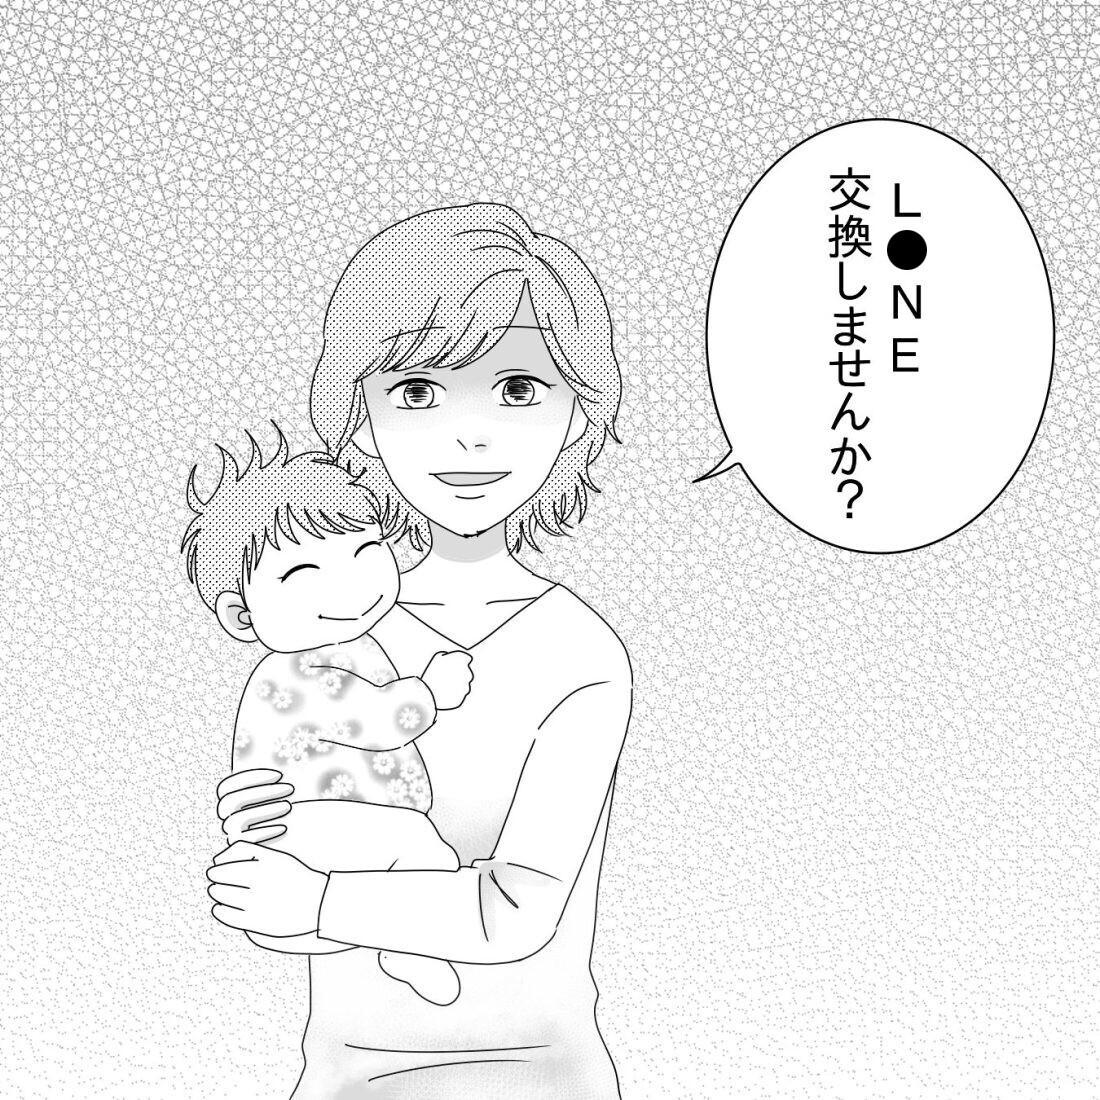 育児の悩みに共感してもらえる喜び…そして念願のあの言葉が…!【ママ友になりませんか? Vol.4】